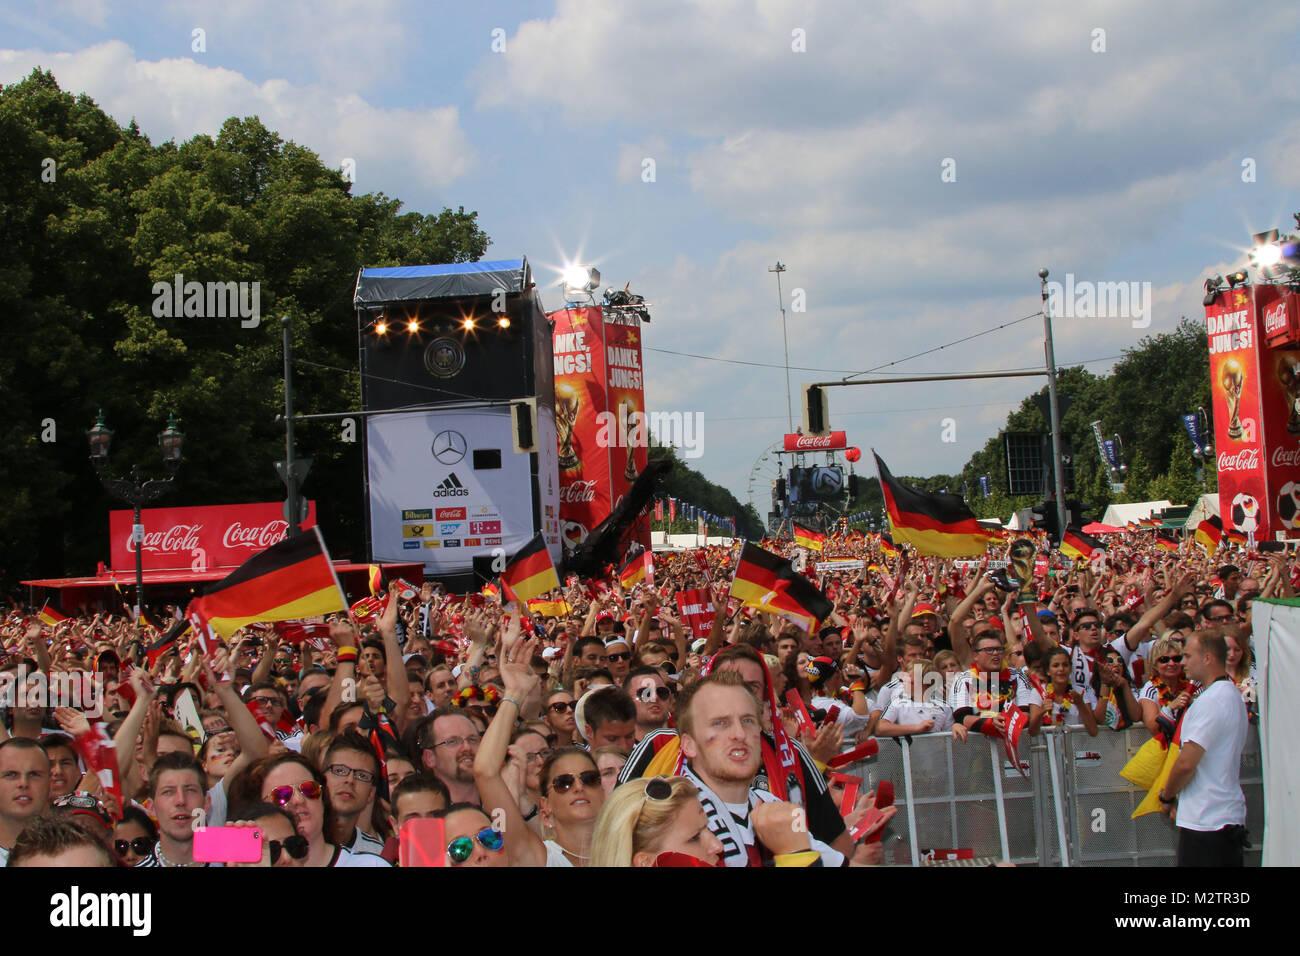 Fans, Empfang der deutschen Fussballmannschaft nach dem Gewinn des Weltmeistertitels auf der Fanmeile in Berlin, - Stock Image